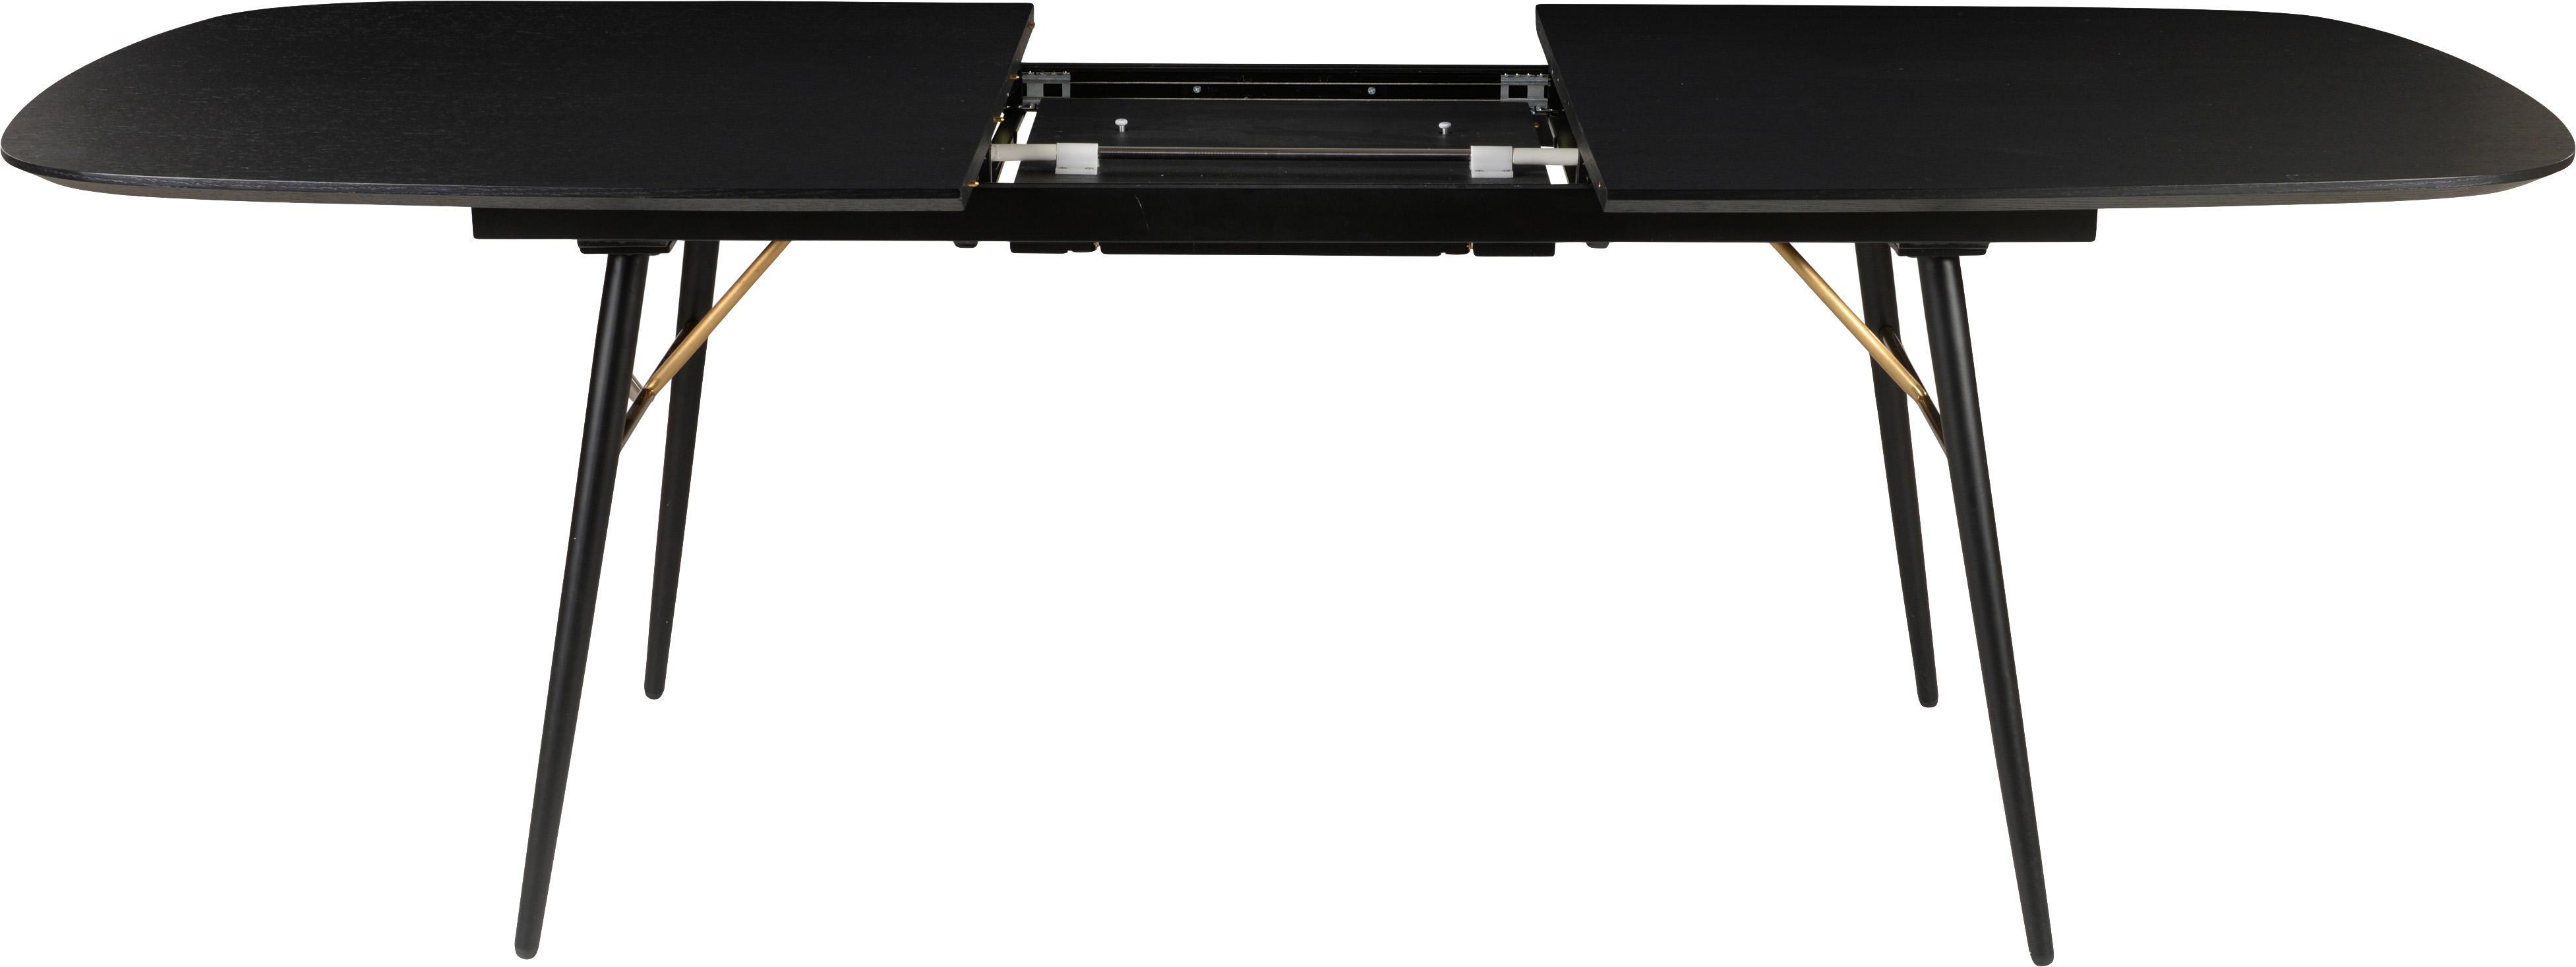 Table extensible noire Verona, Noir, laiton